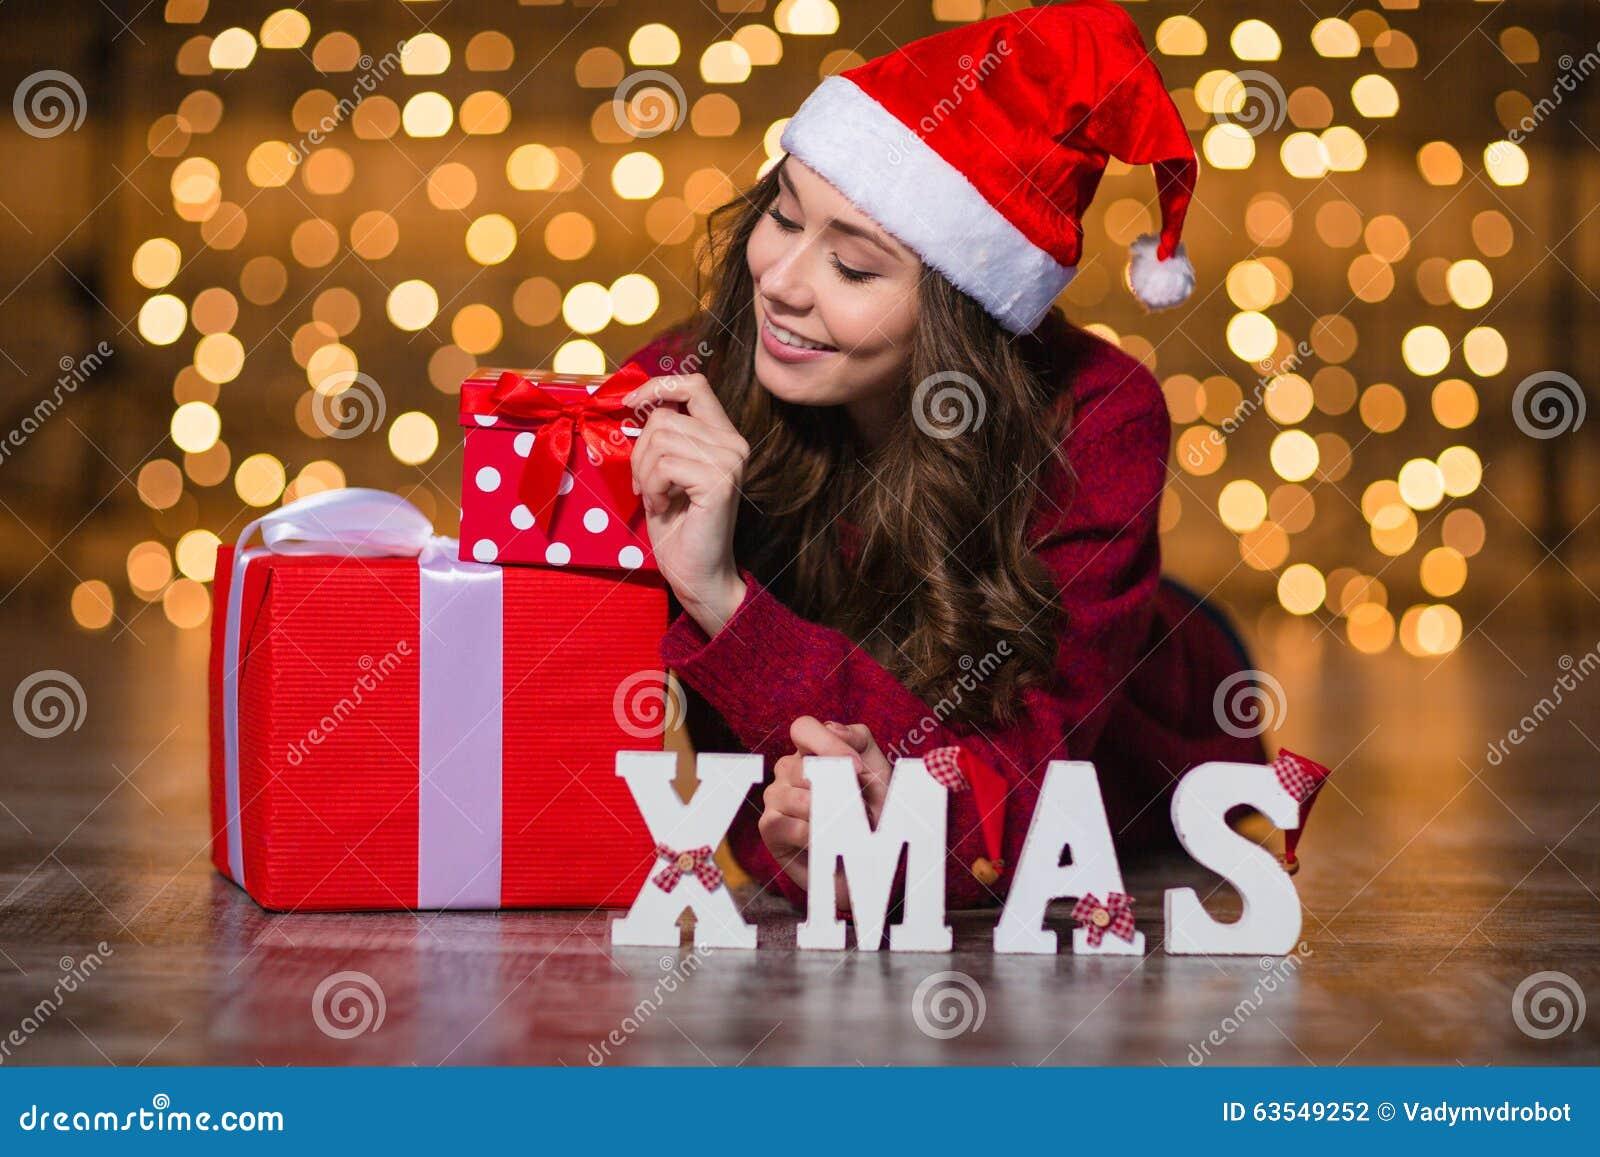 Geschenke Weihnachten Frau.Attraktive Frau Die Nahe Den Buchstaben Buchstabieren Wort